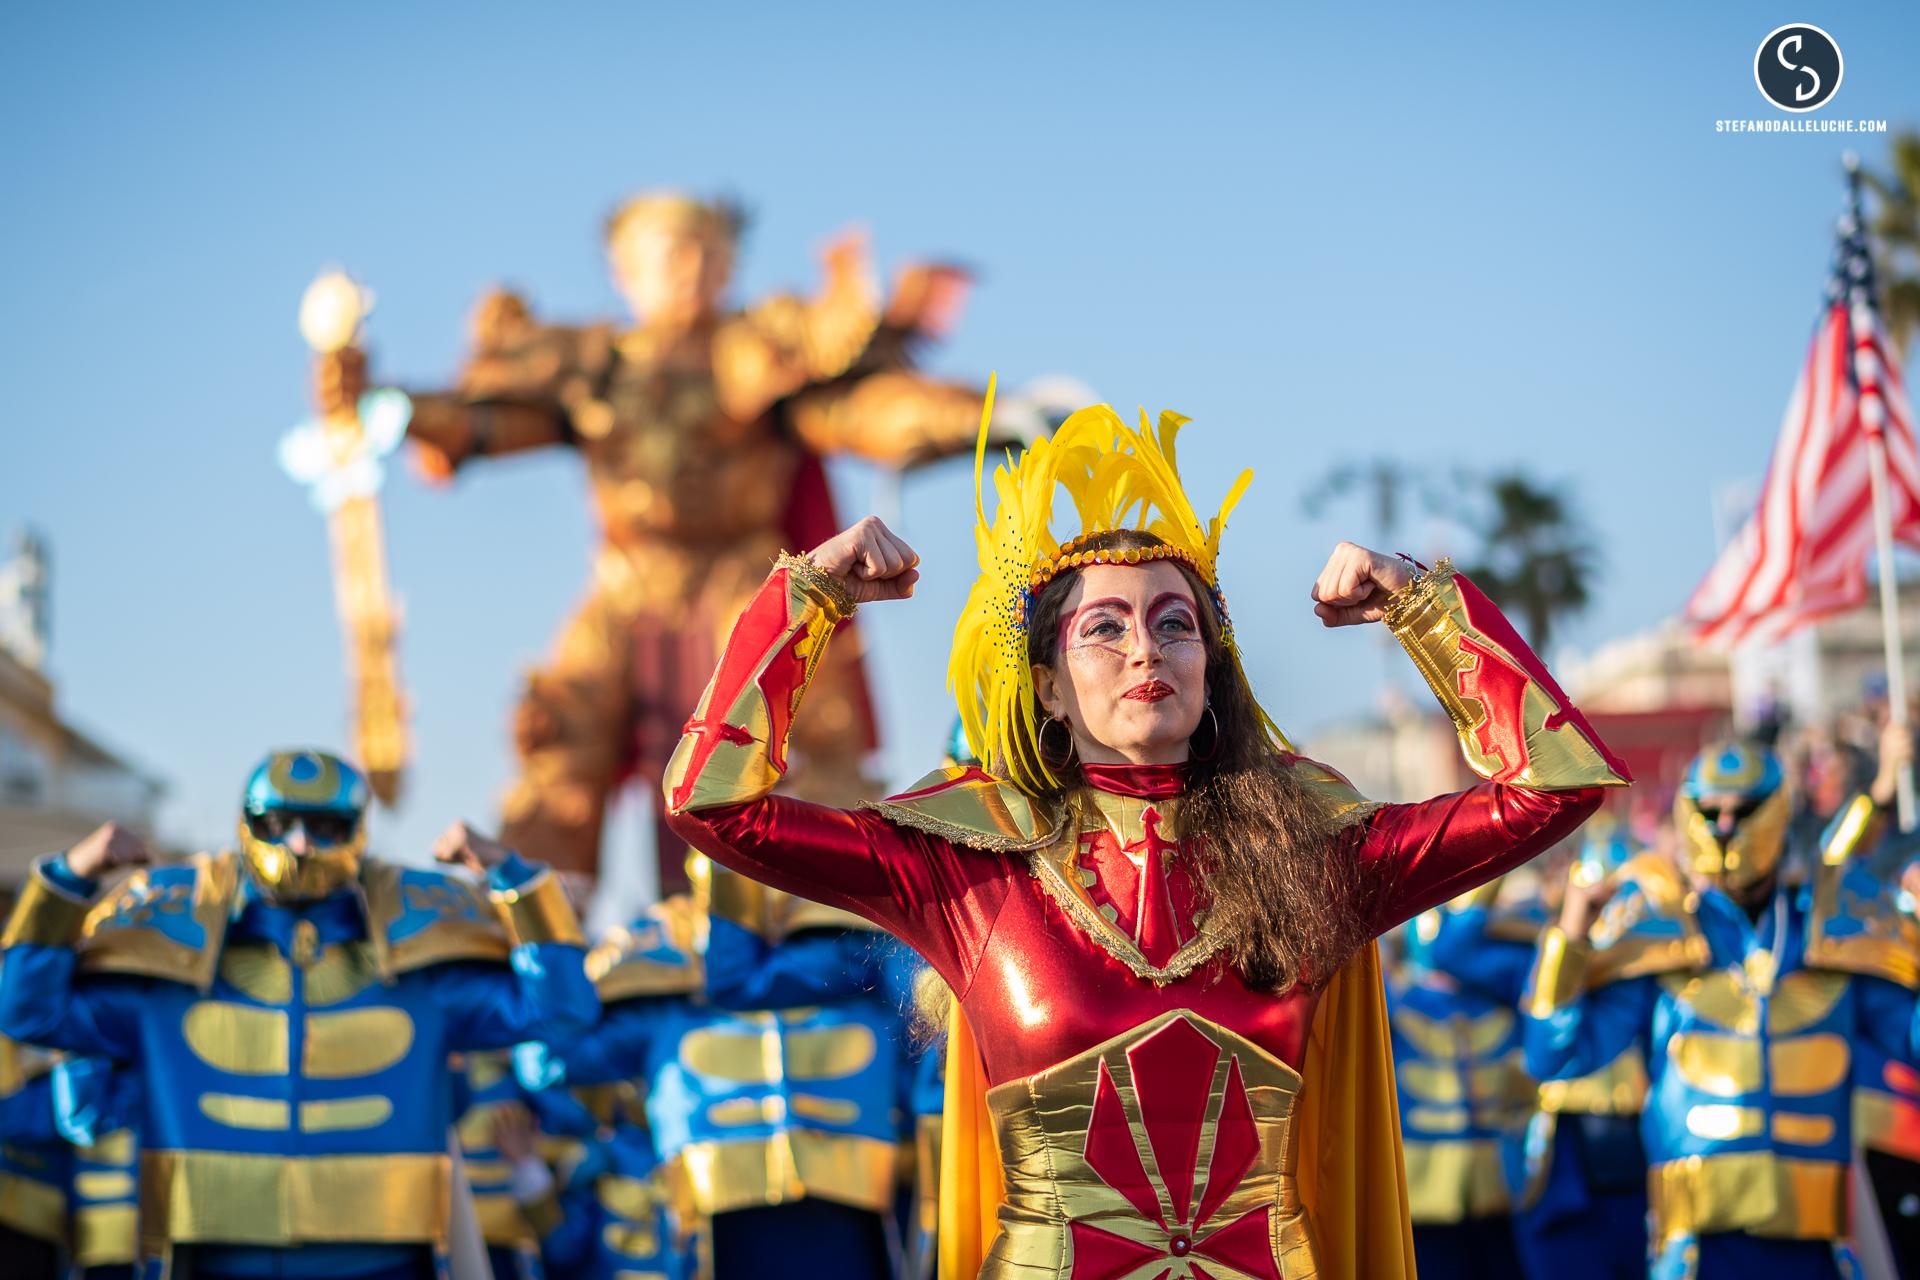 Calendario Carnevale Viareggio 2020.Carnevale Di Viareggio Nel 2020 Sei Corsi In Maschera